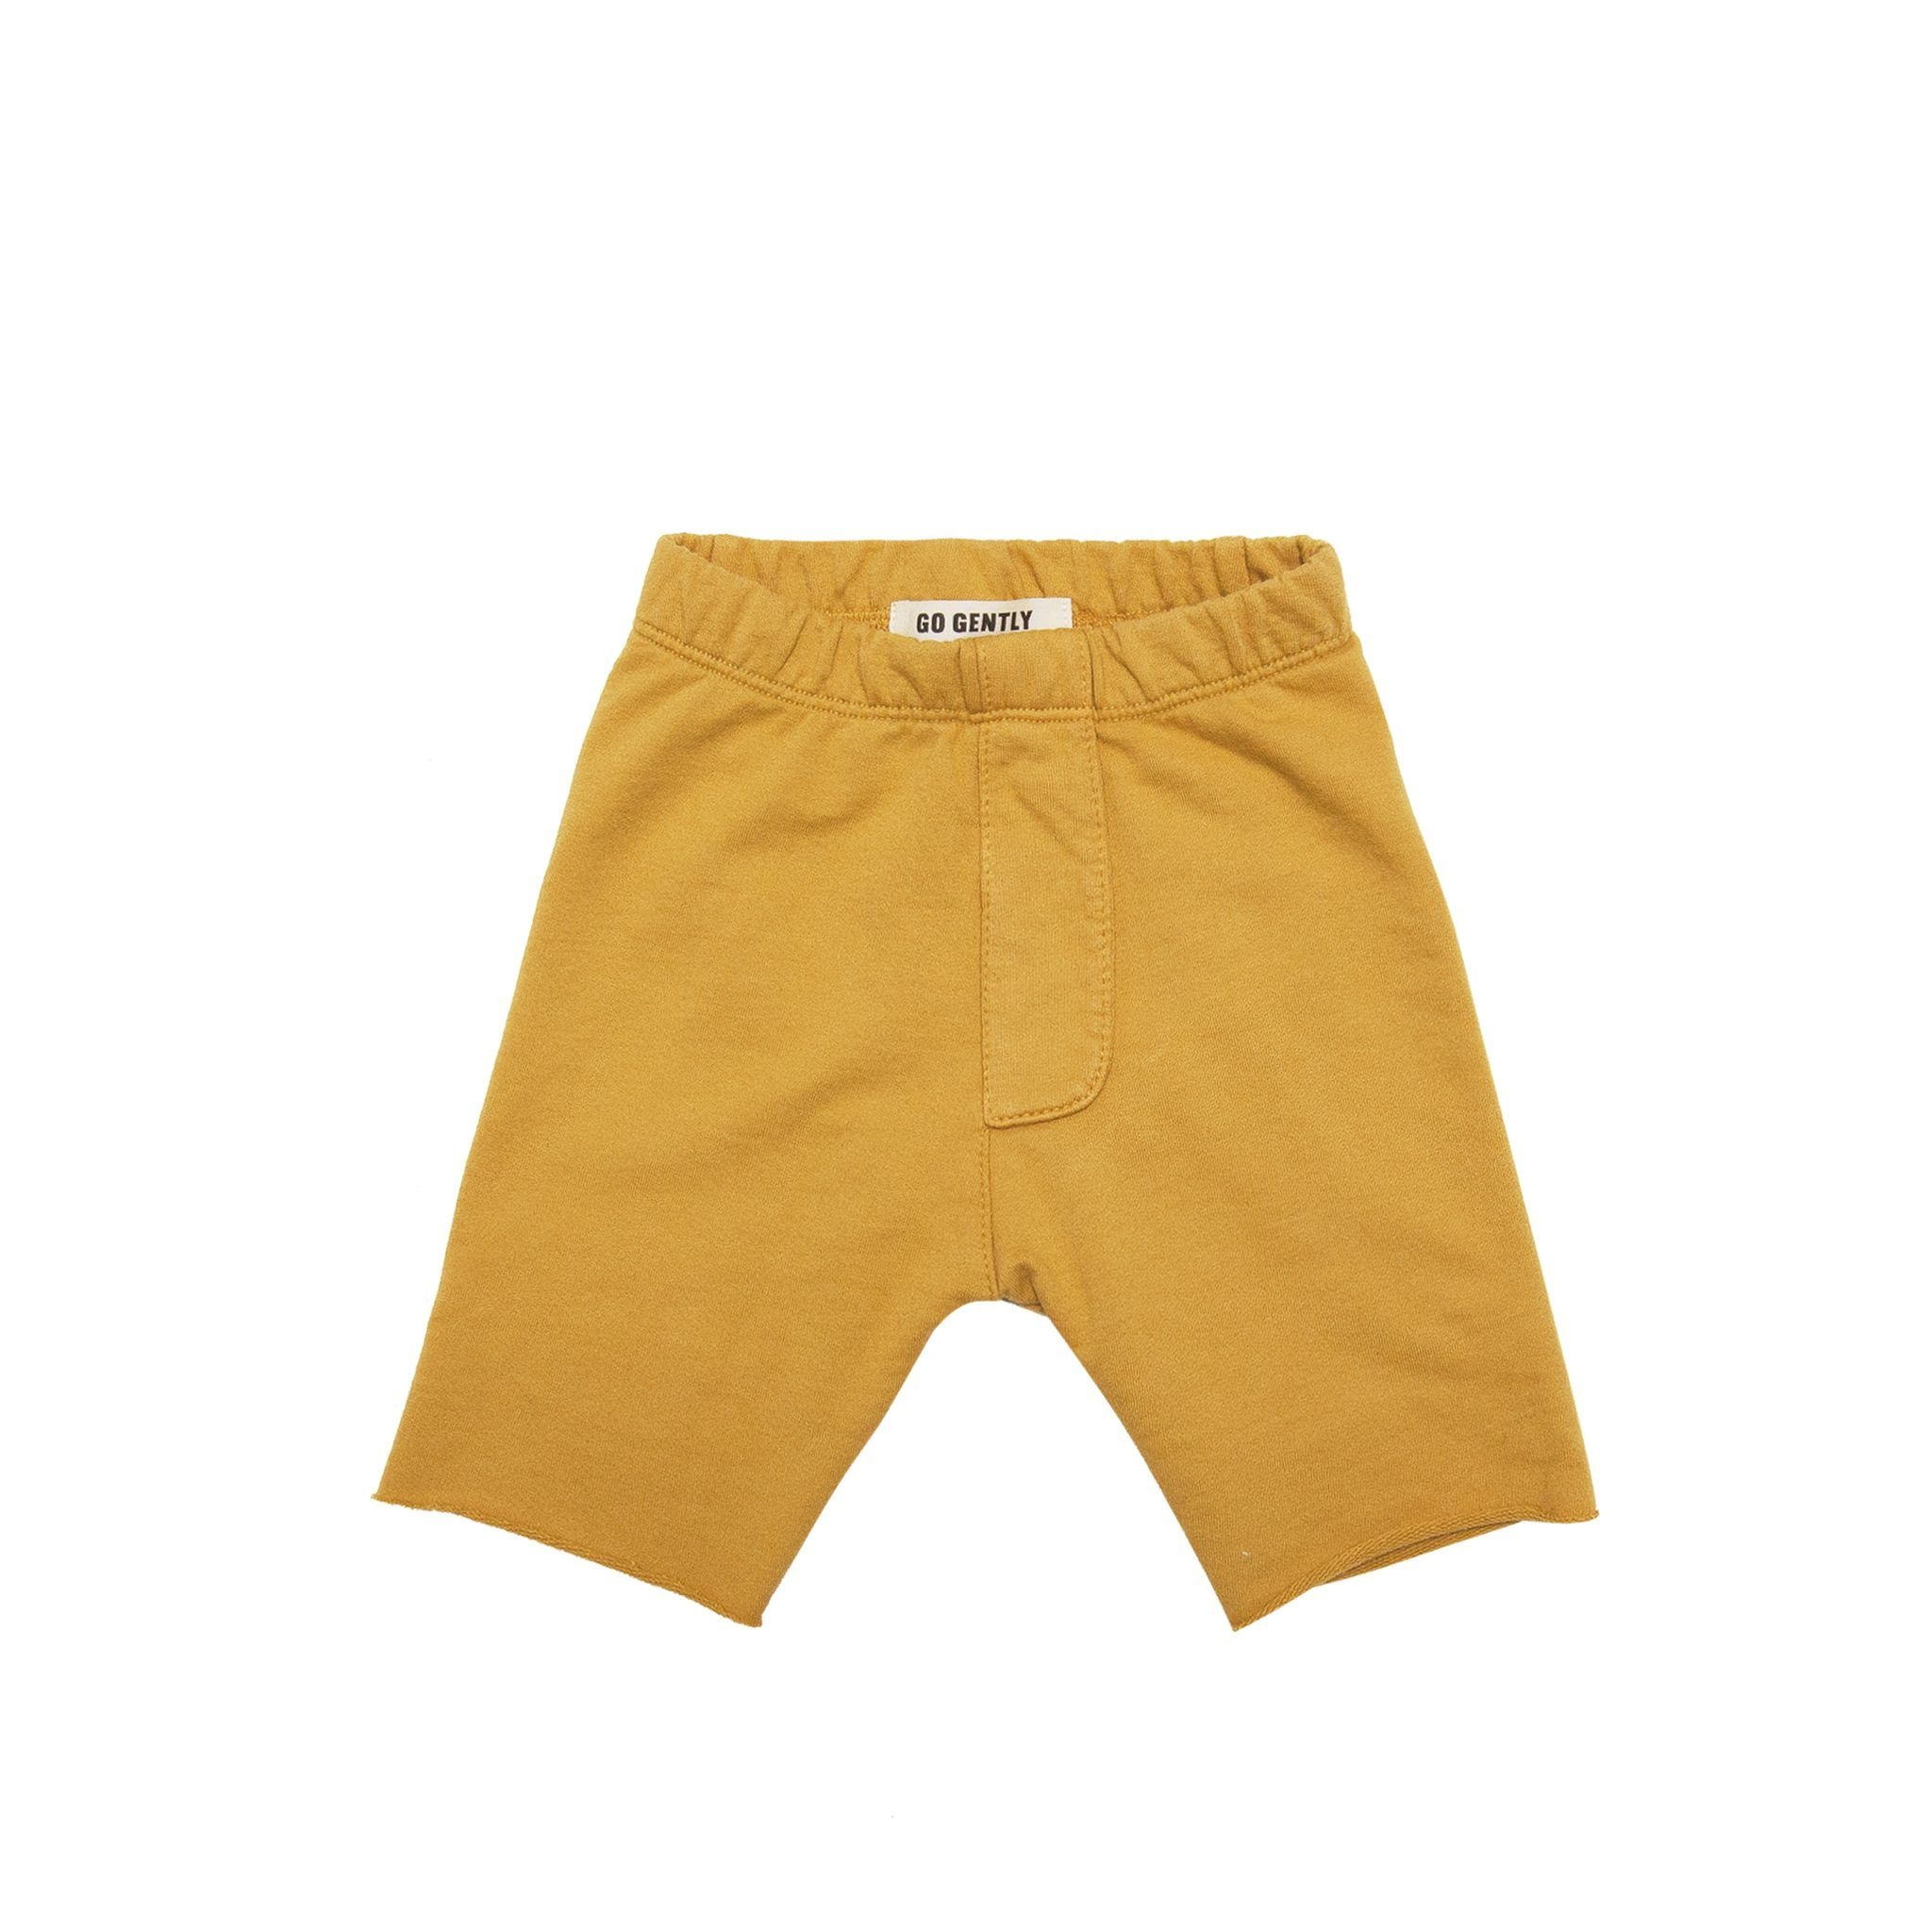 GOGENTLYNATION Baby Trouser Short